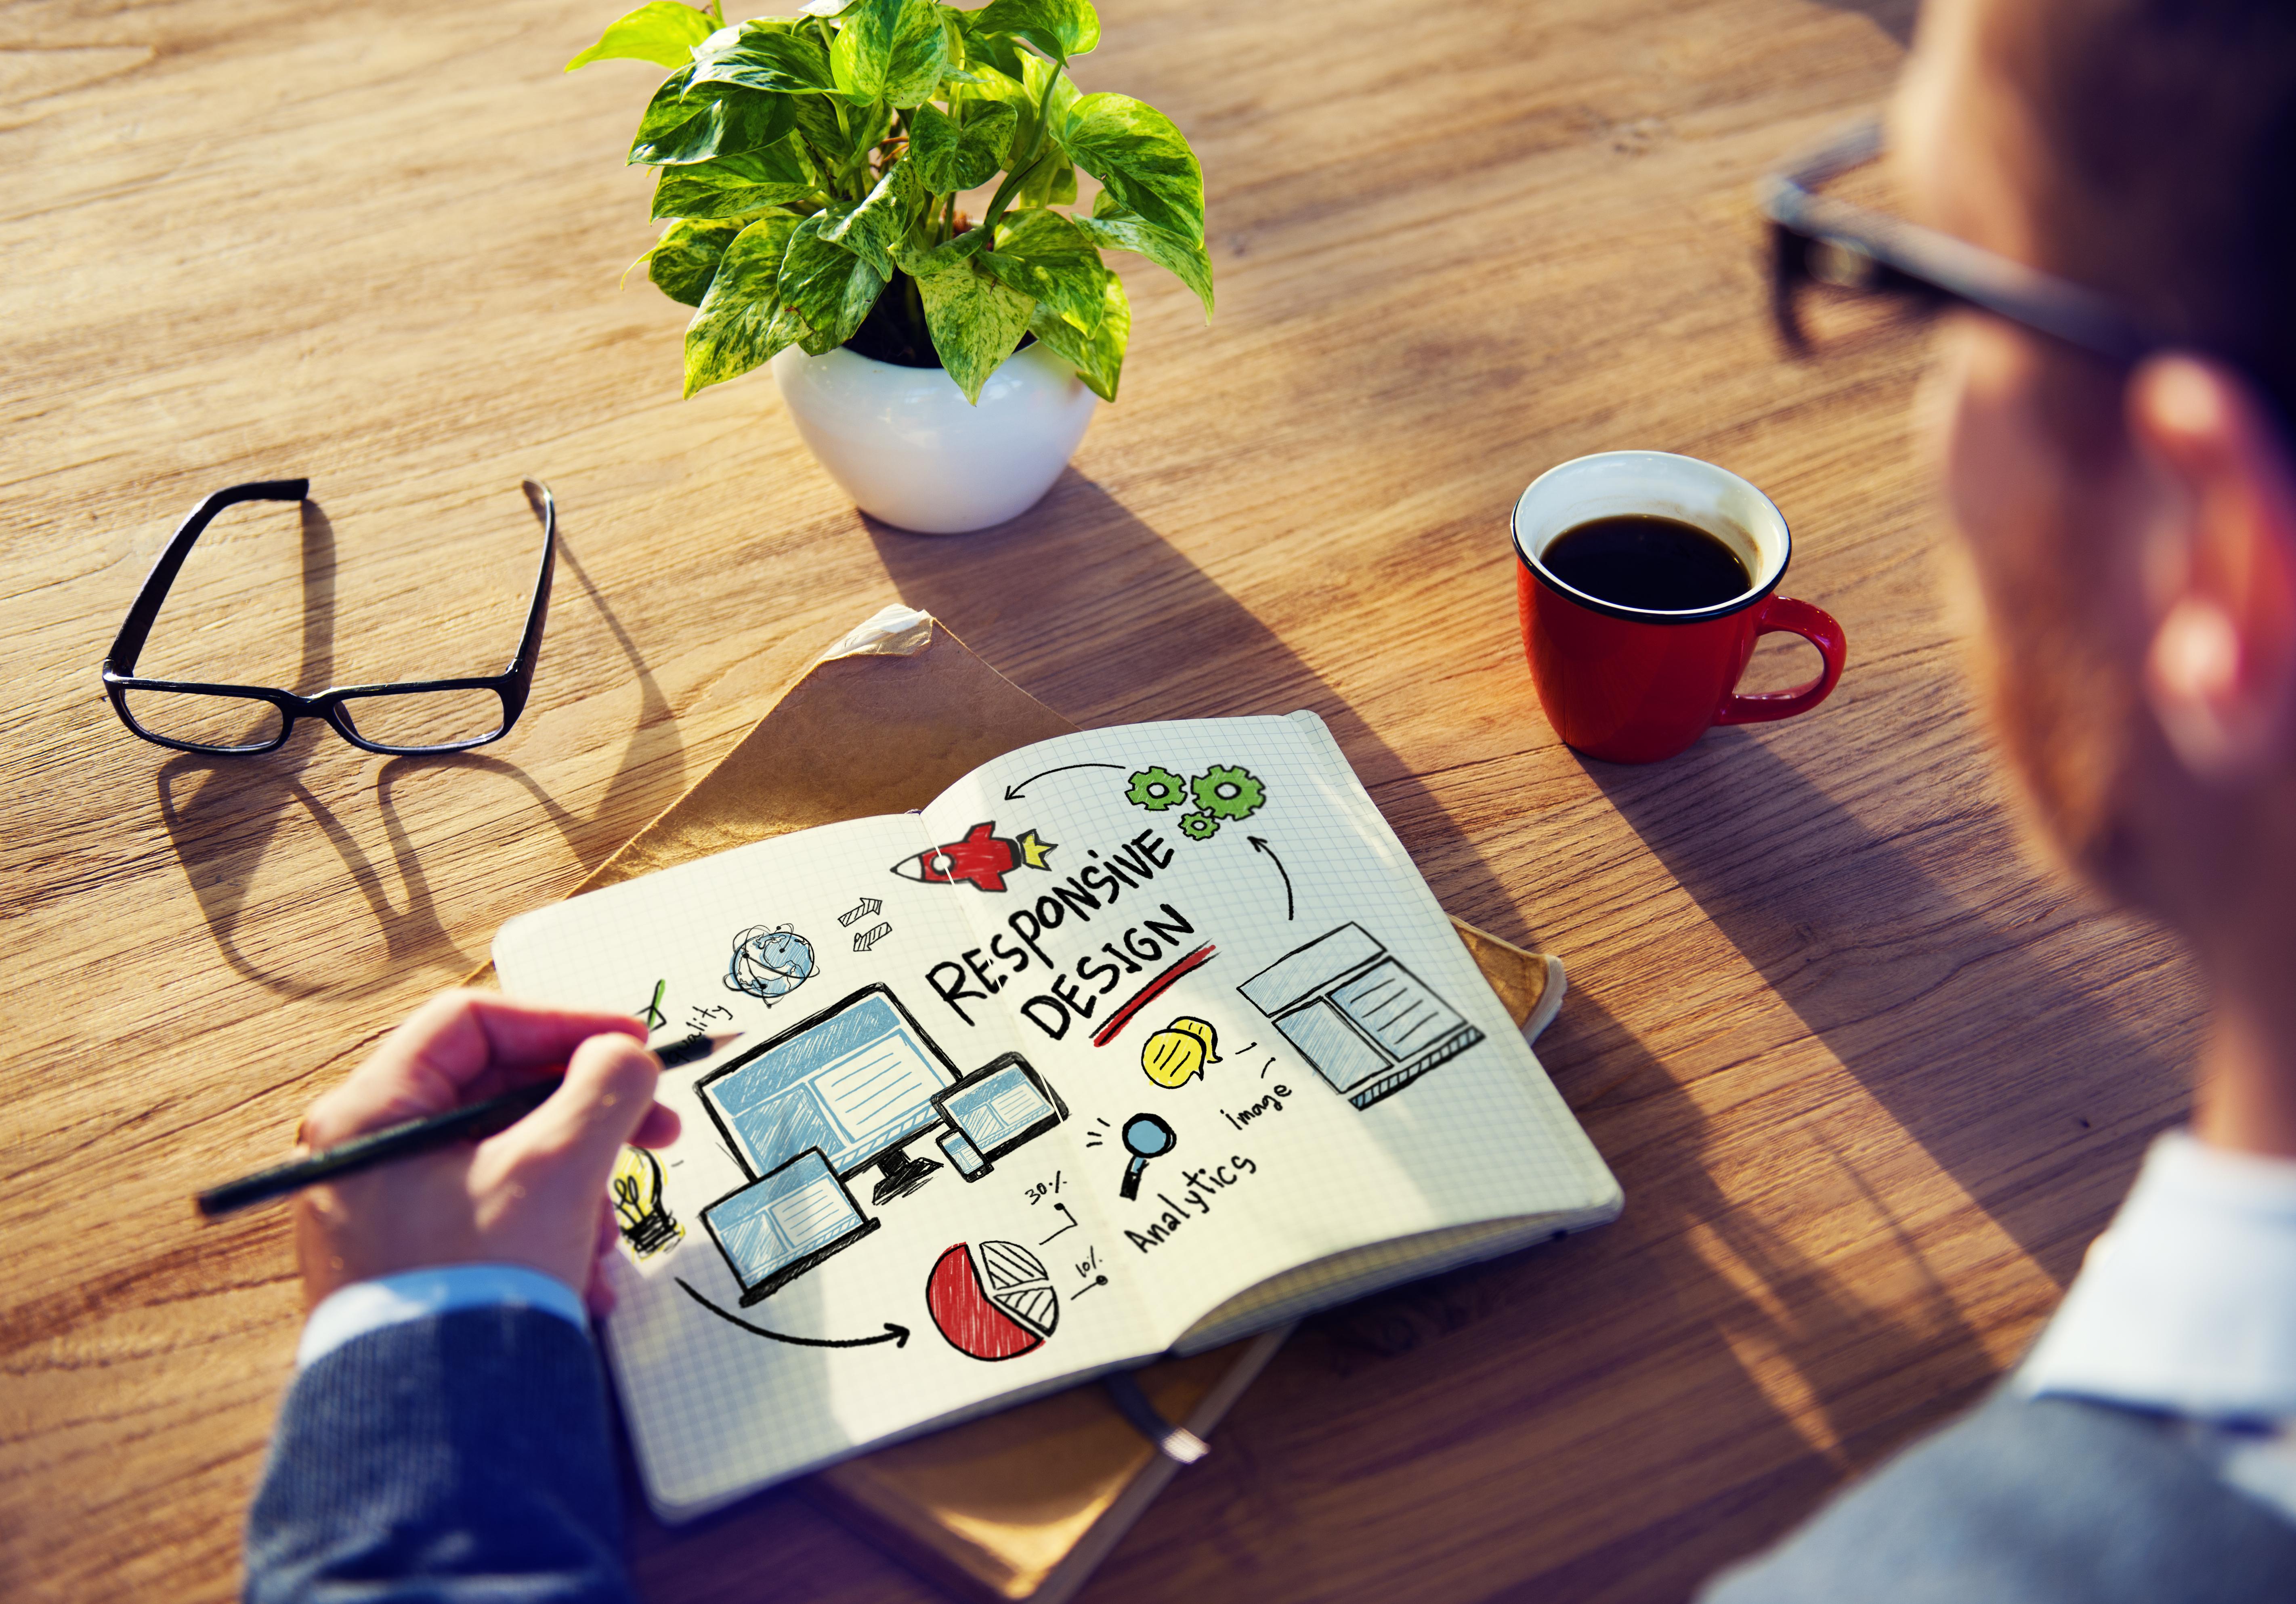 Ciberseguridad, aspecto esencial en un plan de negocio